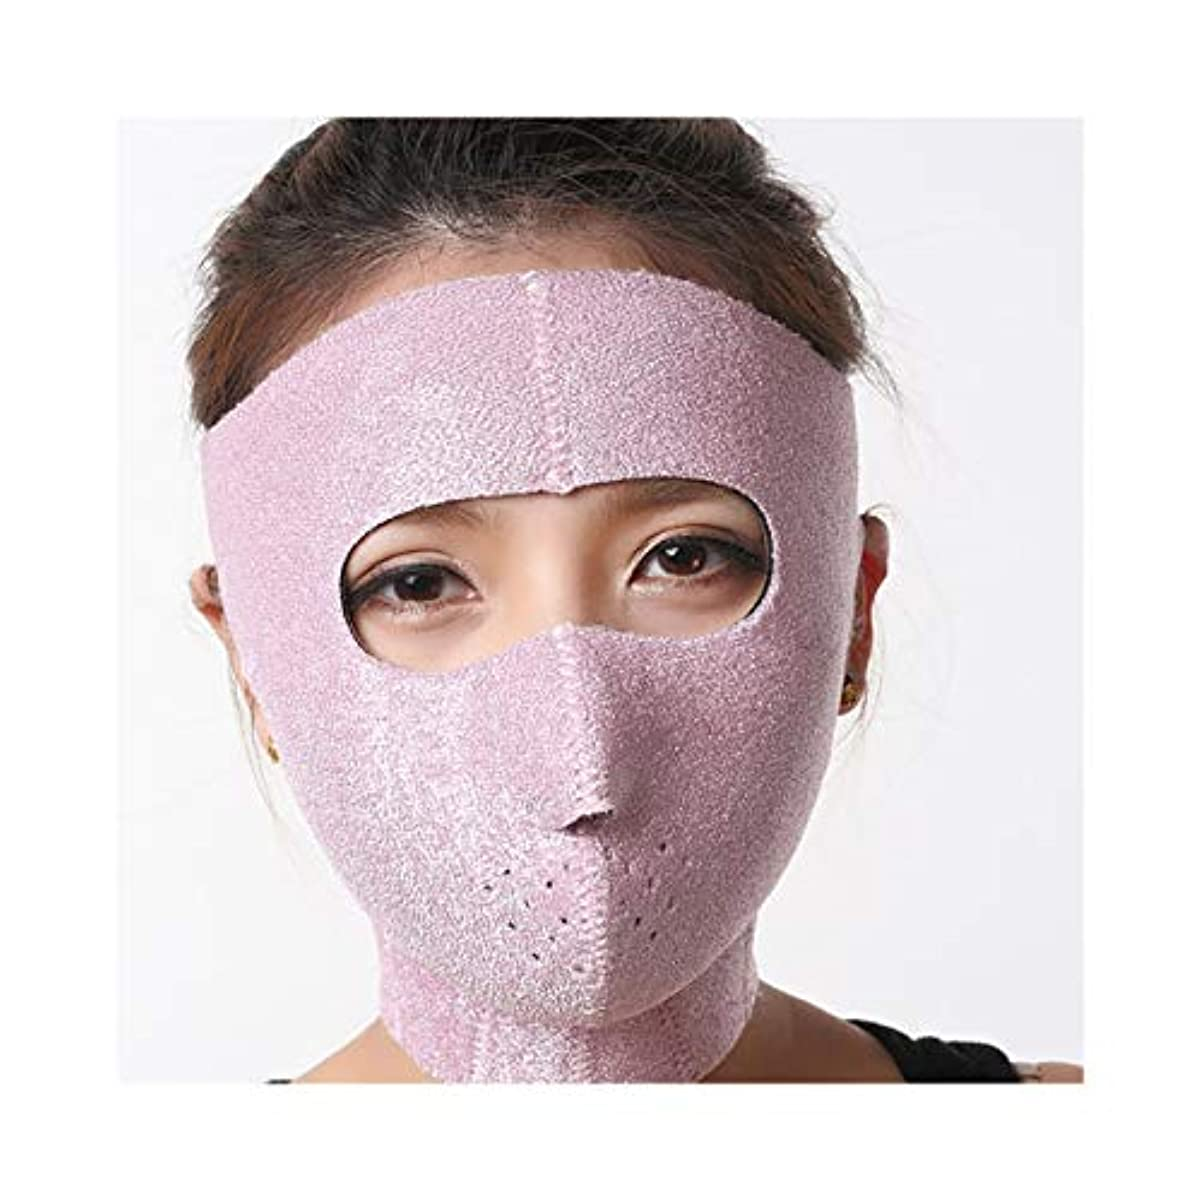 スタックバックアップバスケットボールGLJJQMY スリムベルトマスク薄い顔マスク睡眠薄い顔マスク薄い顔包帯薄い顔アーティファクト薄い顔薄い顔薄い顔小さいV顔睡眠薄い顔ベルト 顔用整形マスク